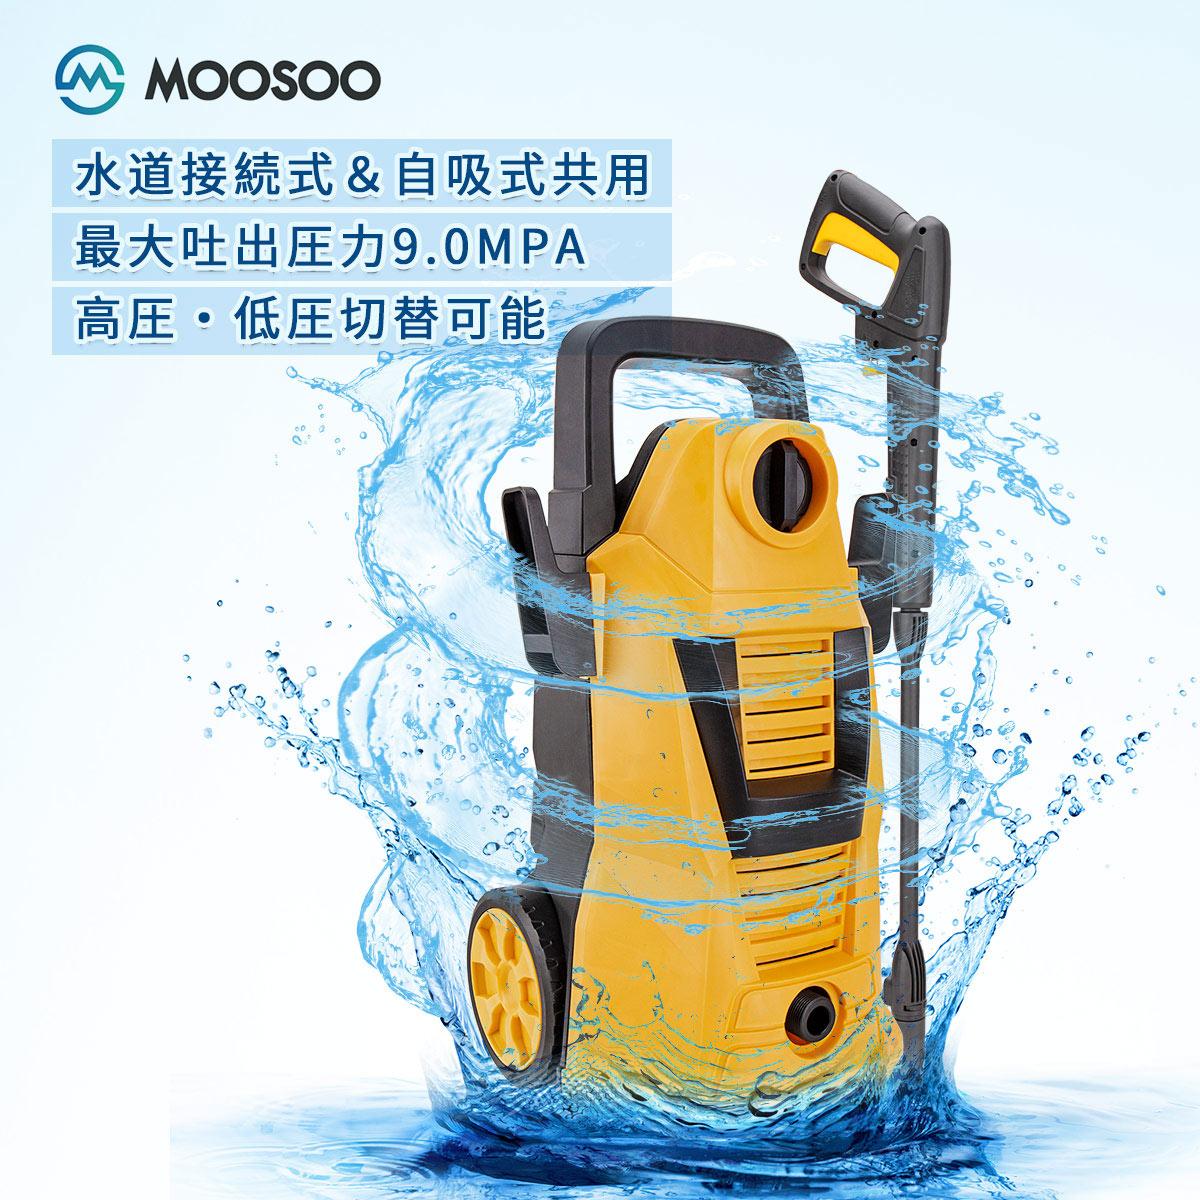 高圧洗浄機 軽量5.5kg 水道接続式/自吸式共用 高圧・ 低圧切替可能 1200W 50Hz/ 60Hz 東西日本兼用 最大吐出圧力9.0MPa ホース合計16m 小型 標準部品付属 家庭用 屋外 花粉&黄砂対策 車掃除 外壁掃除 そうじ 掃除 大掃除  MOOSOO 1200